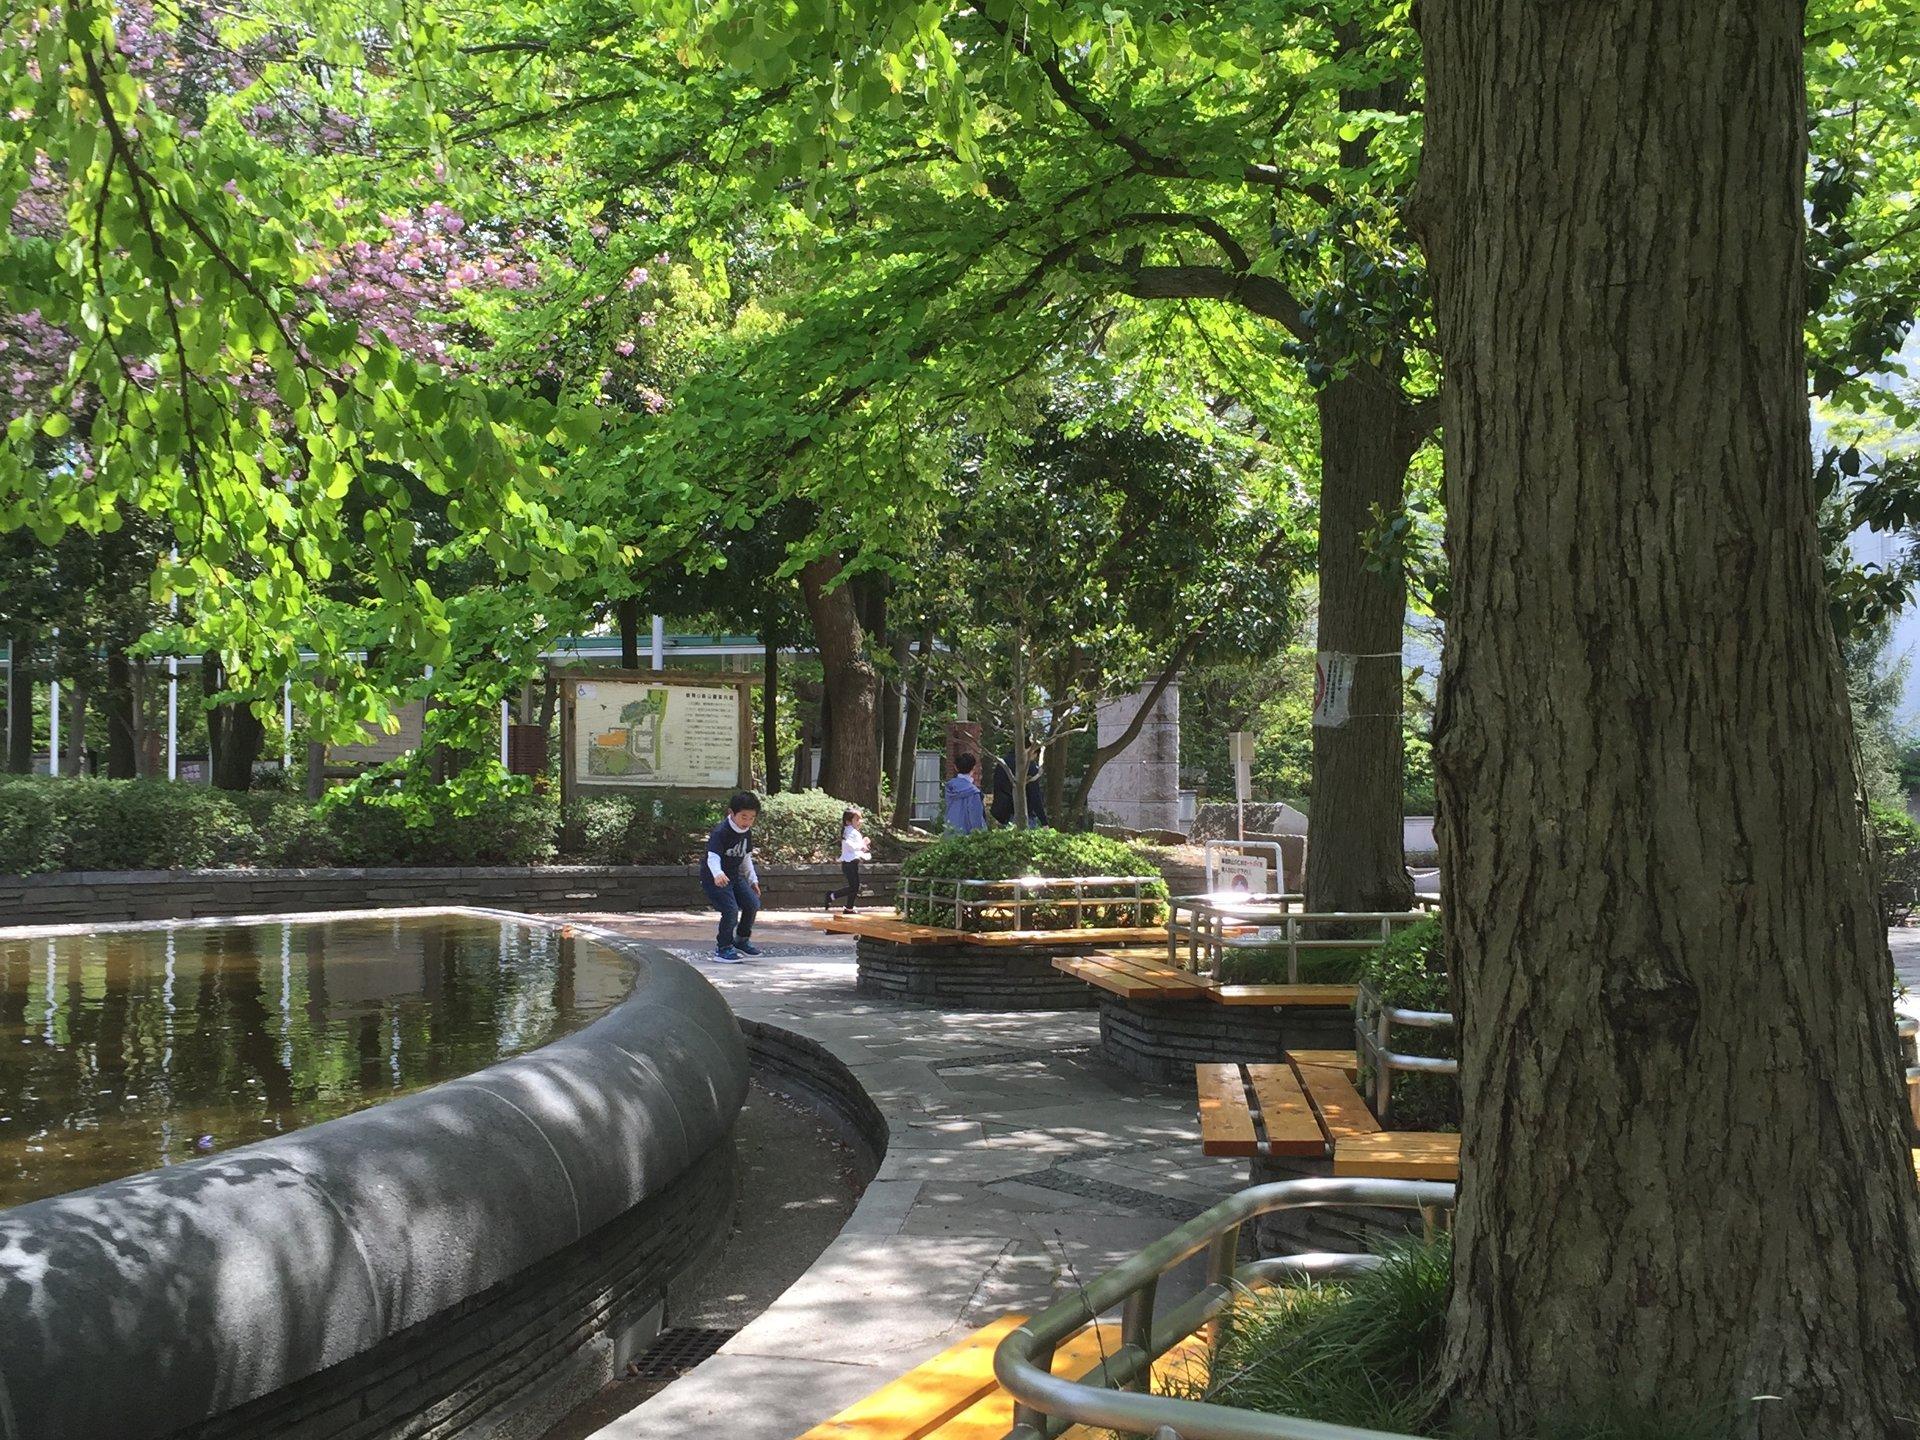 【晴れの日公園デートプラン】茗荷谷の学生カップル必見です!隠家パン屋のクリームパンで公園デート♪